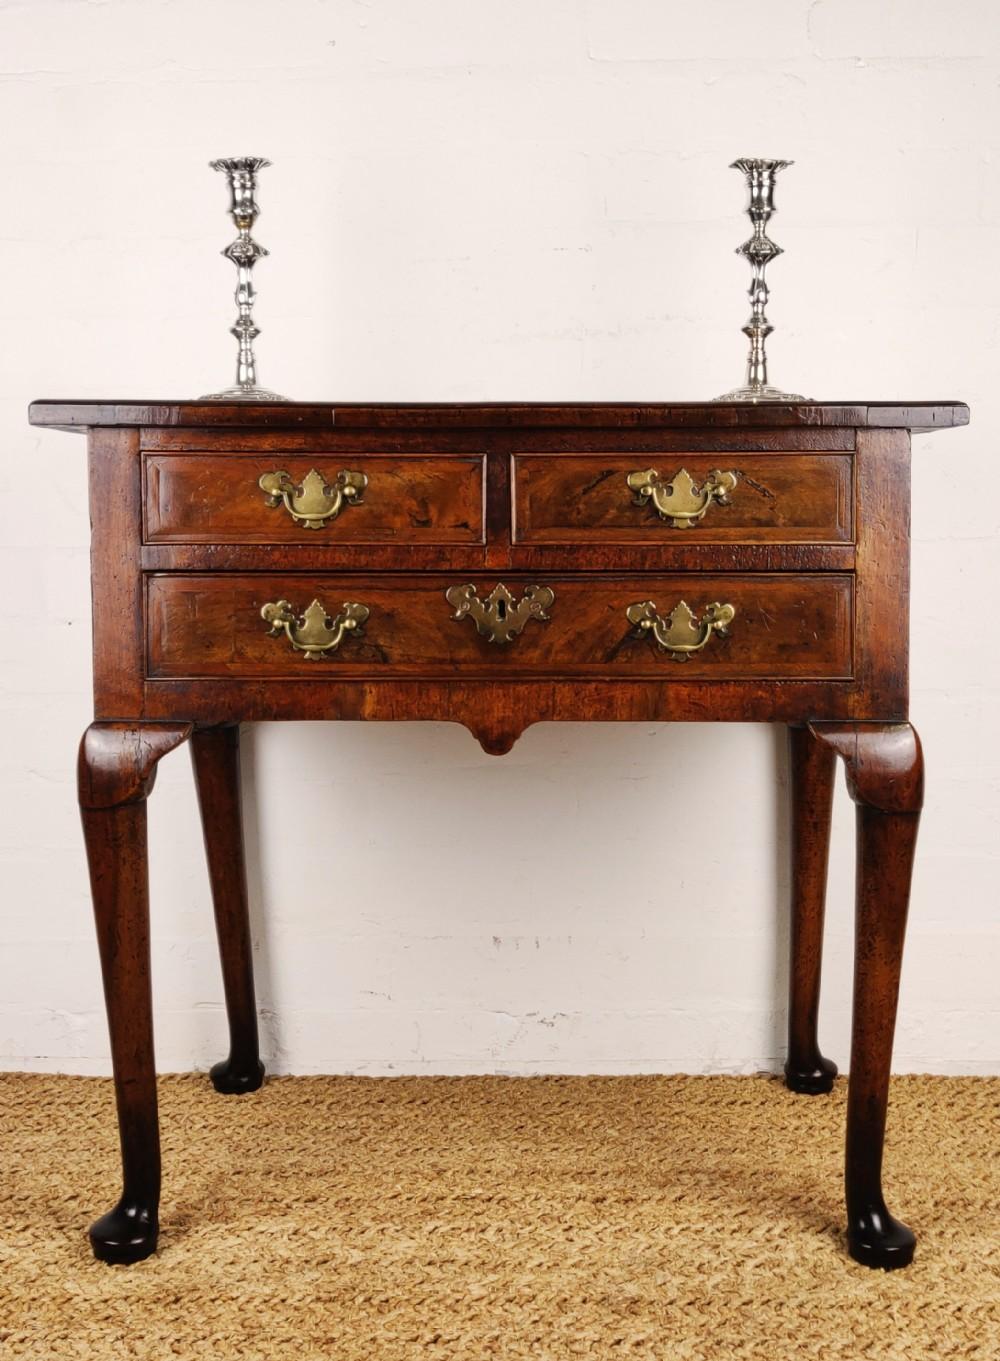 a small 18th century walnut lowboy